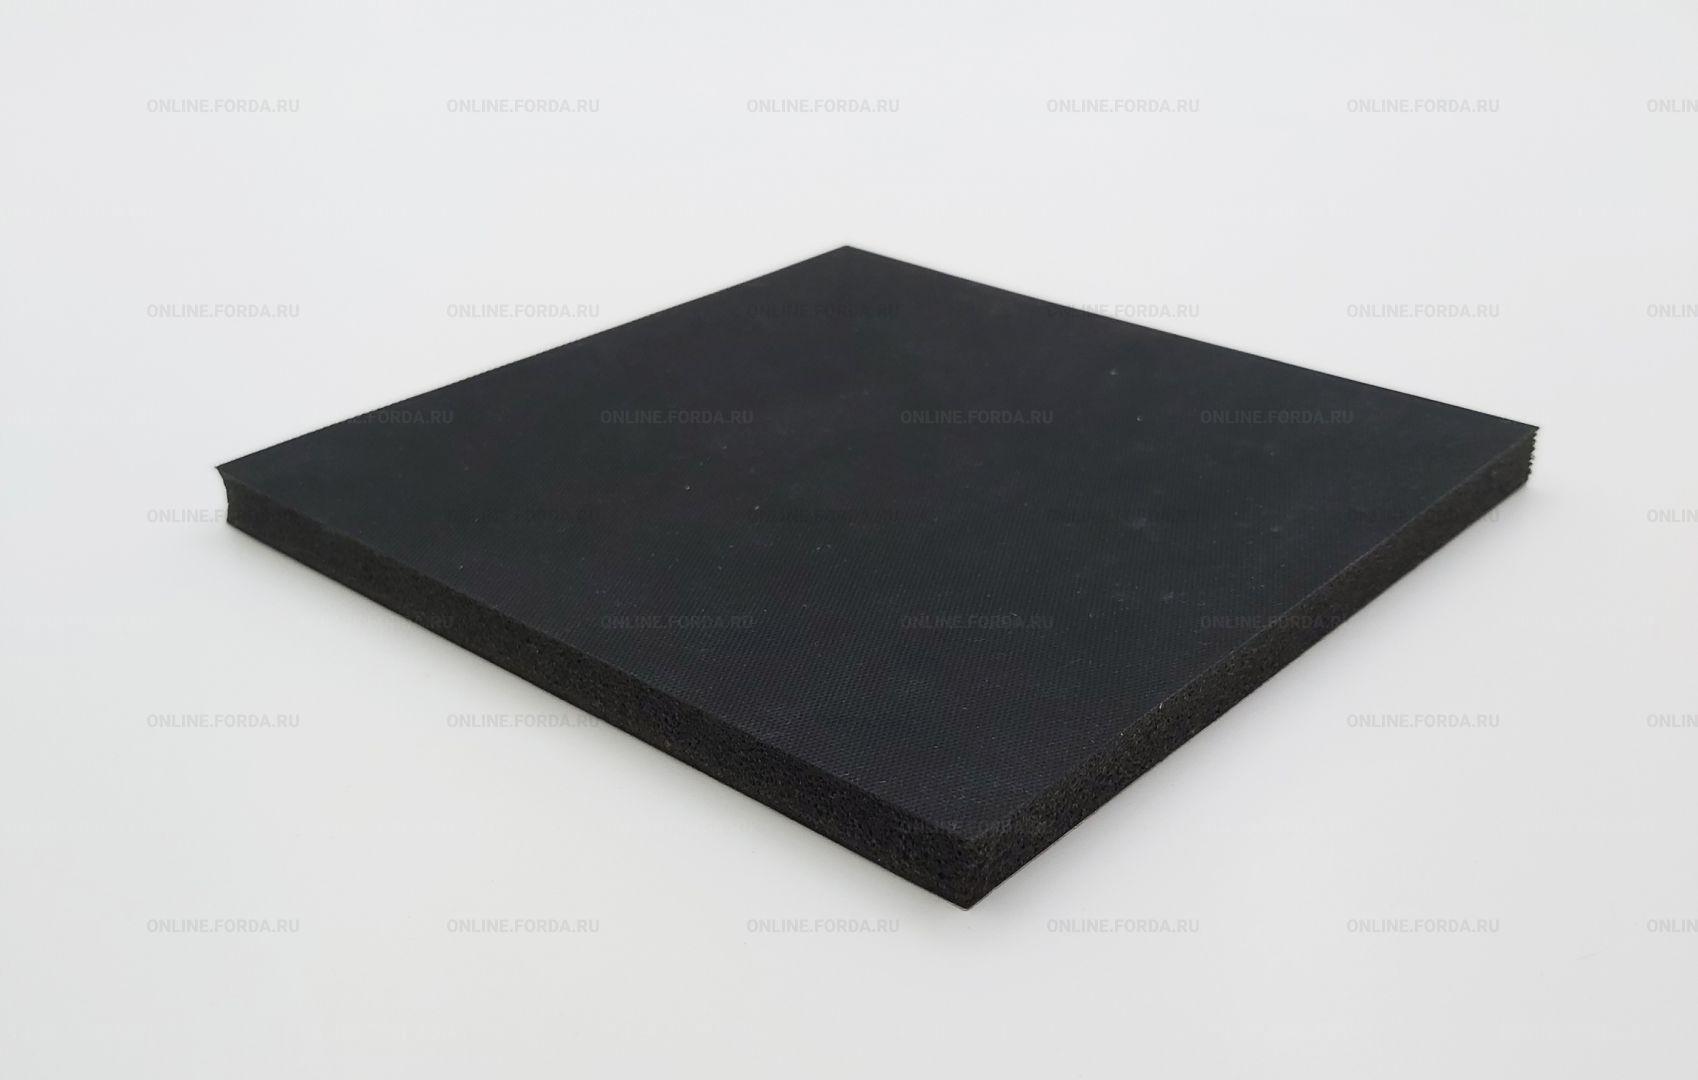 Резиновый коврик для насадки 15*15 code DIVLSG15